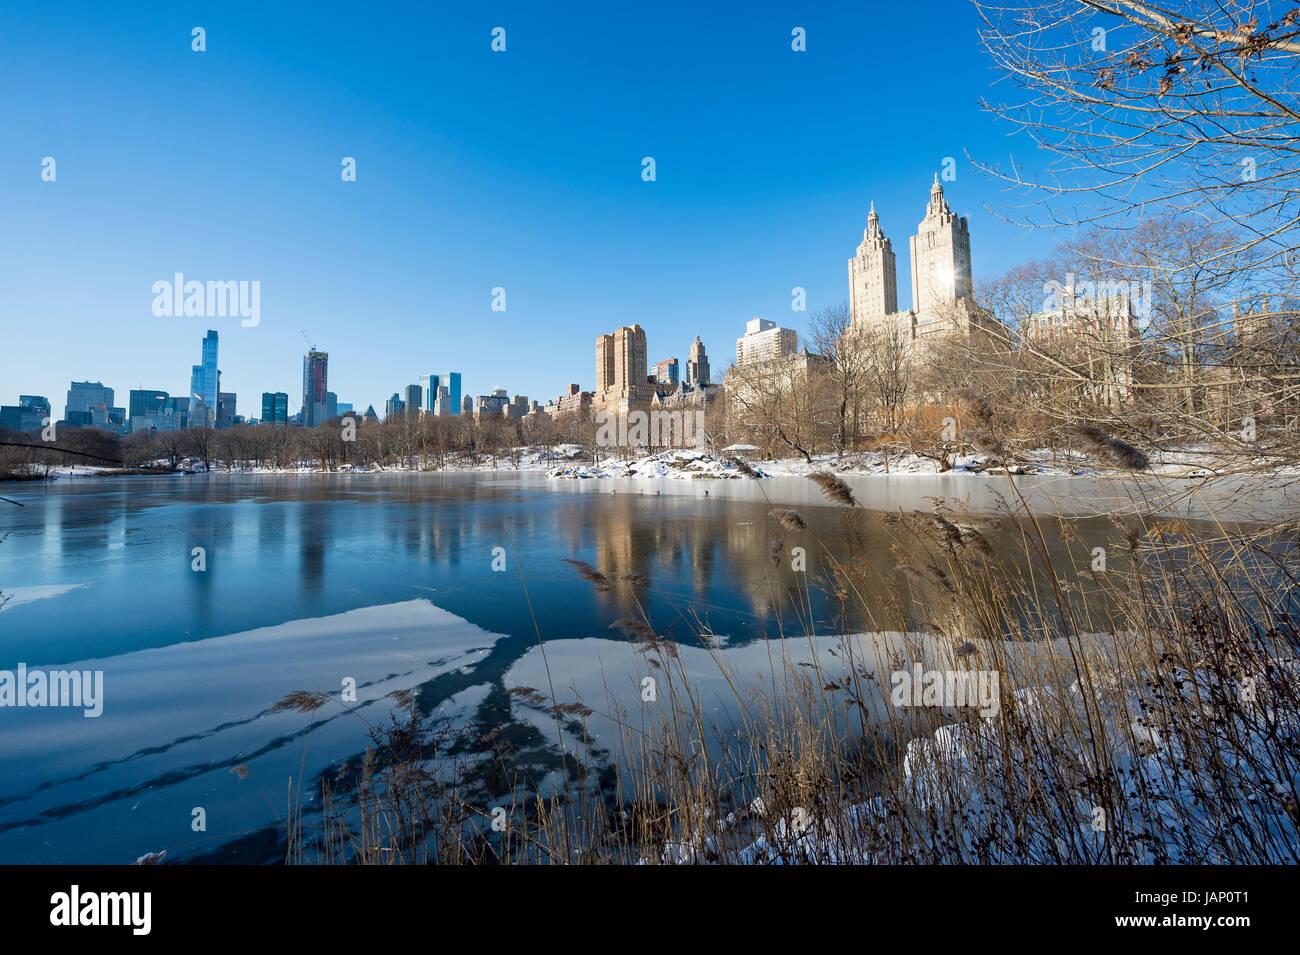 Malerische Aussicht auf die Upper West Side-Skyline reflektiert im Eis der zugefrorenen Central Park-See nach einem Stockbild